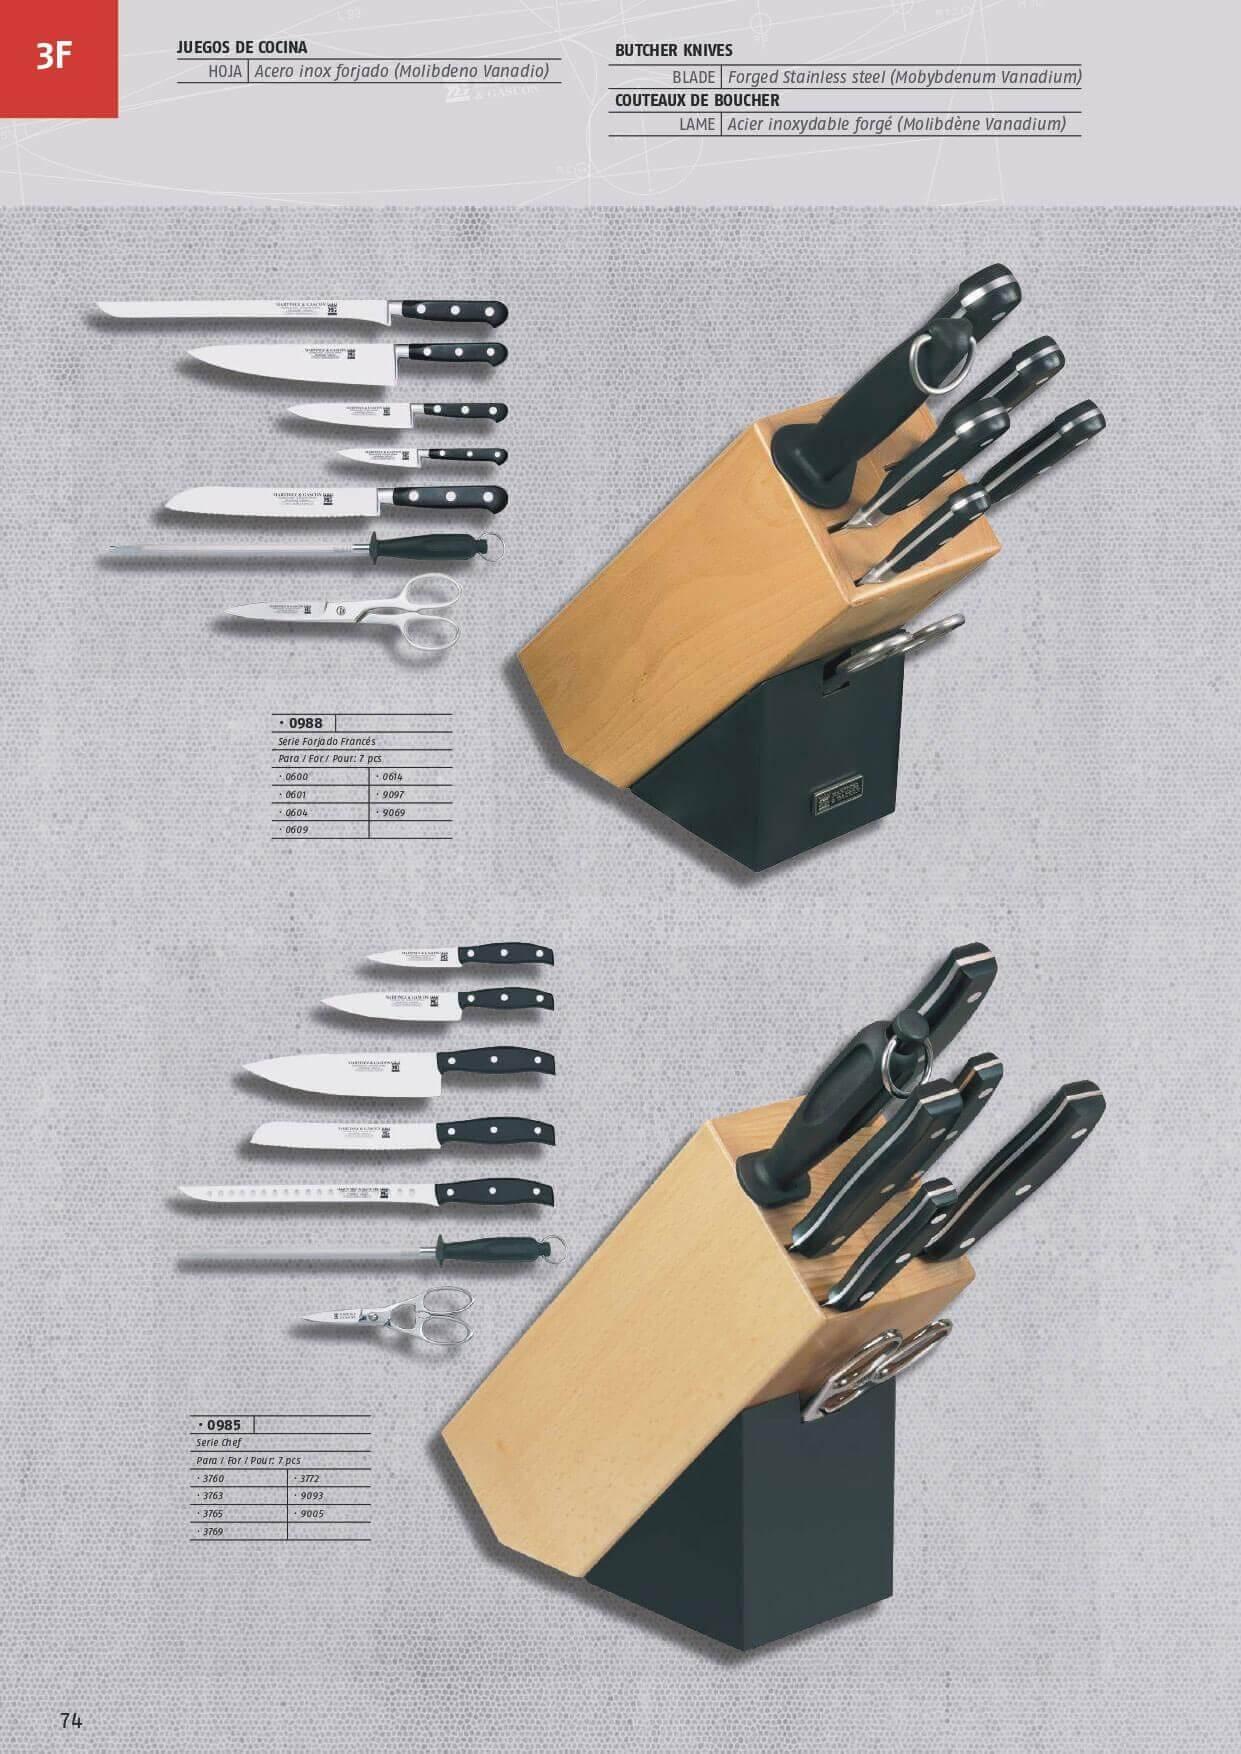 Ustensiles de cuisine jeux de cuisine set cuchillos - Set couteaux cuisine ...